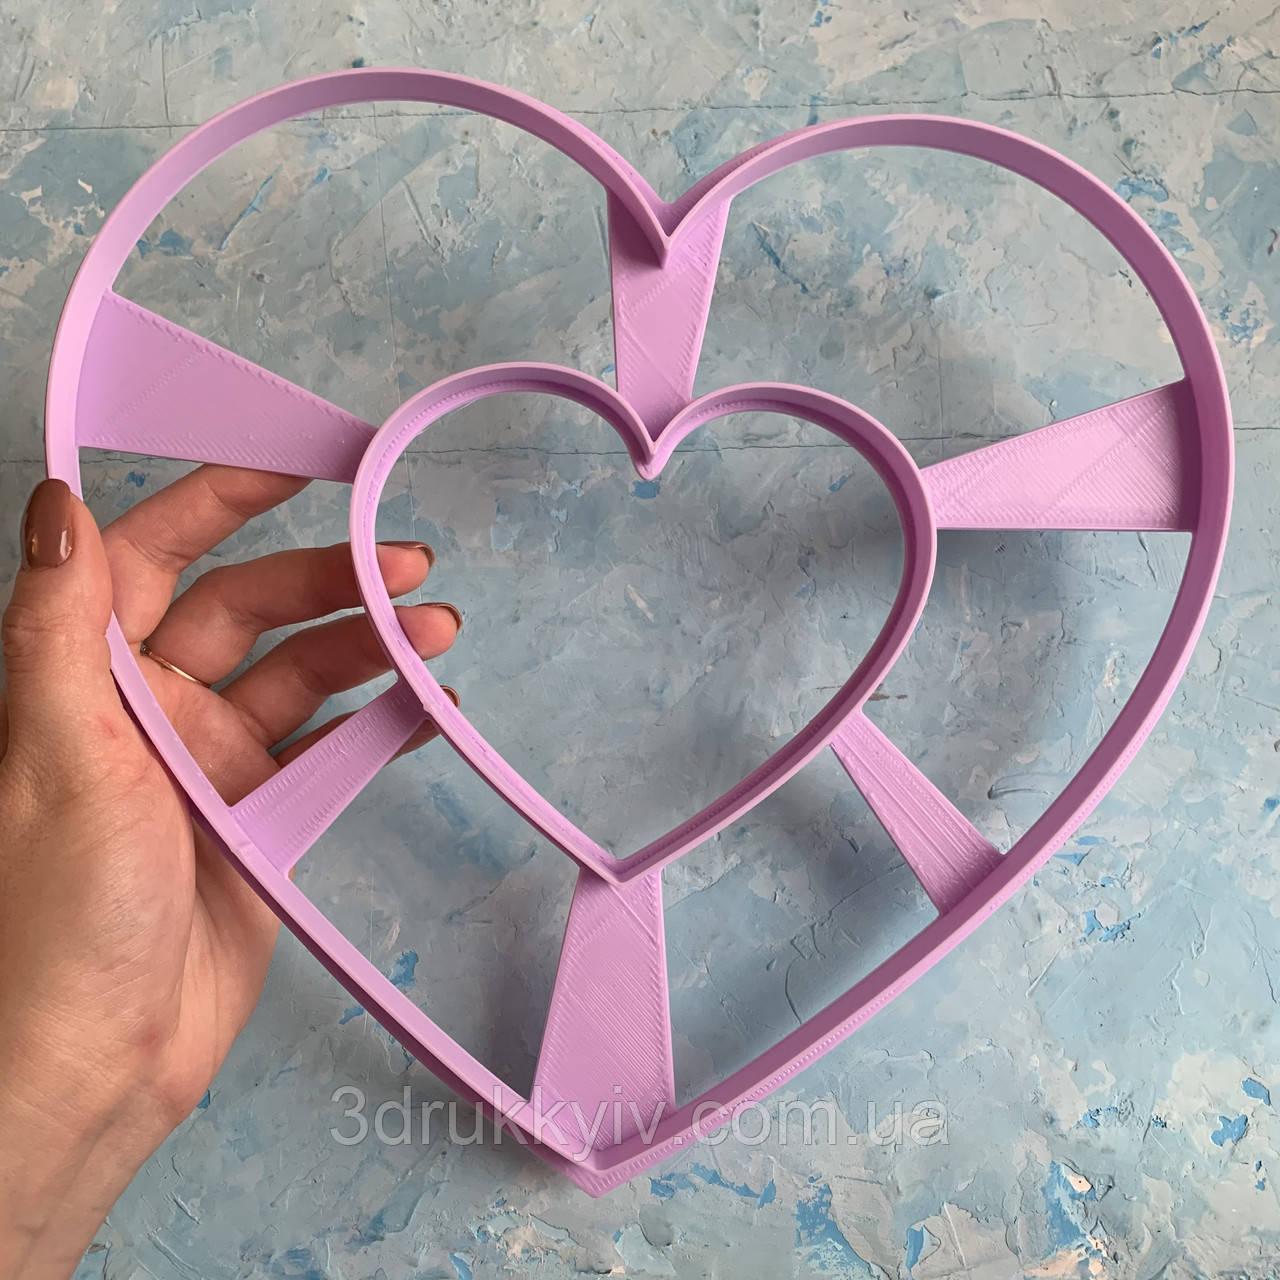 Вирубка ТОРТ - СЕРЦЕ 22х24.5см. / Вырубка - формочка для торта - сердца, коржей 22 см. / Торт - сердце